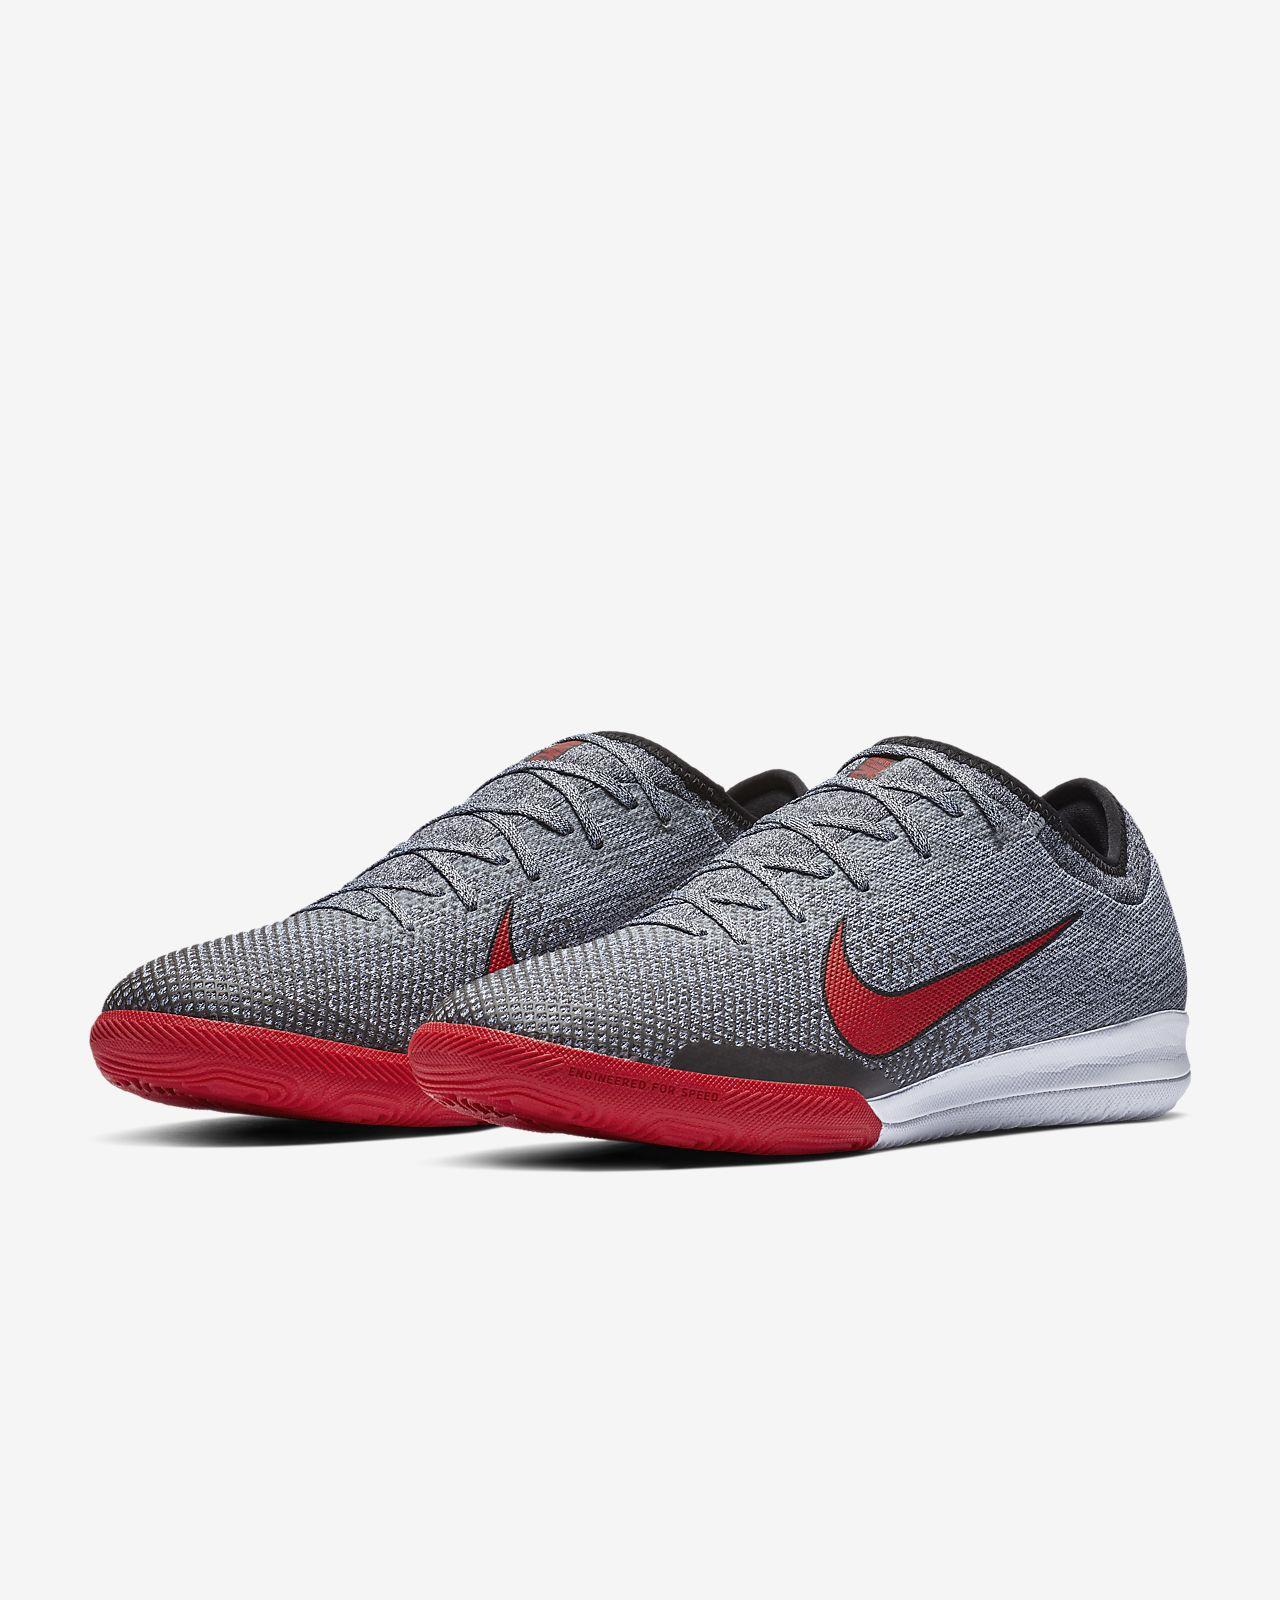 sports shoes 8e534 fa38f Nike MercurialX Vapor XII Pro Neymar Botas de fútbol sala. Nike.com ES